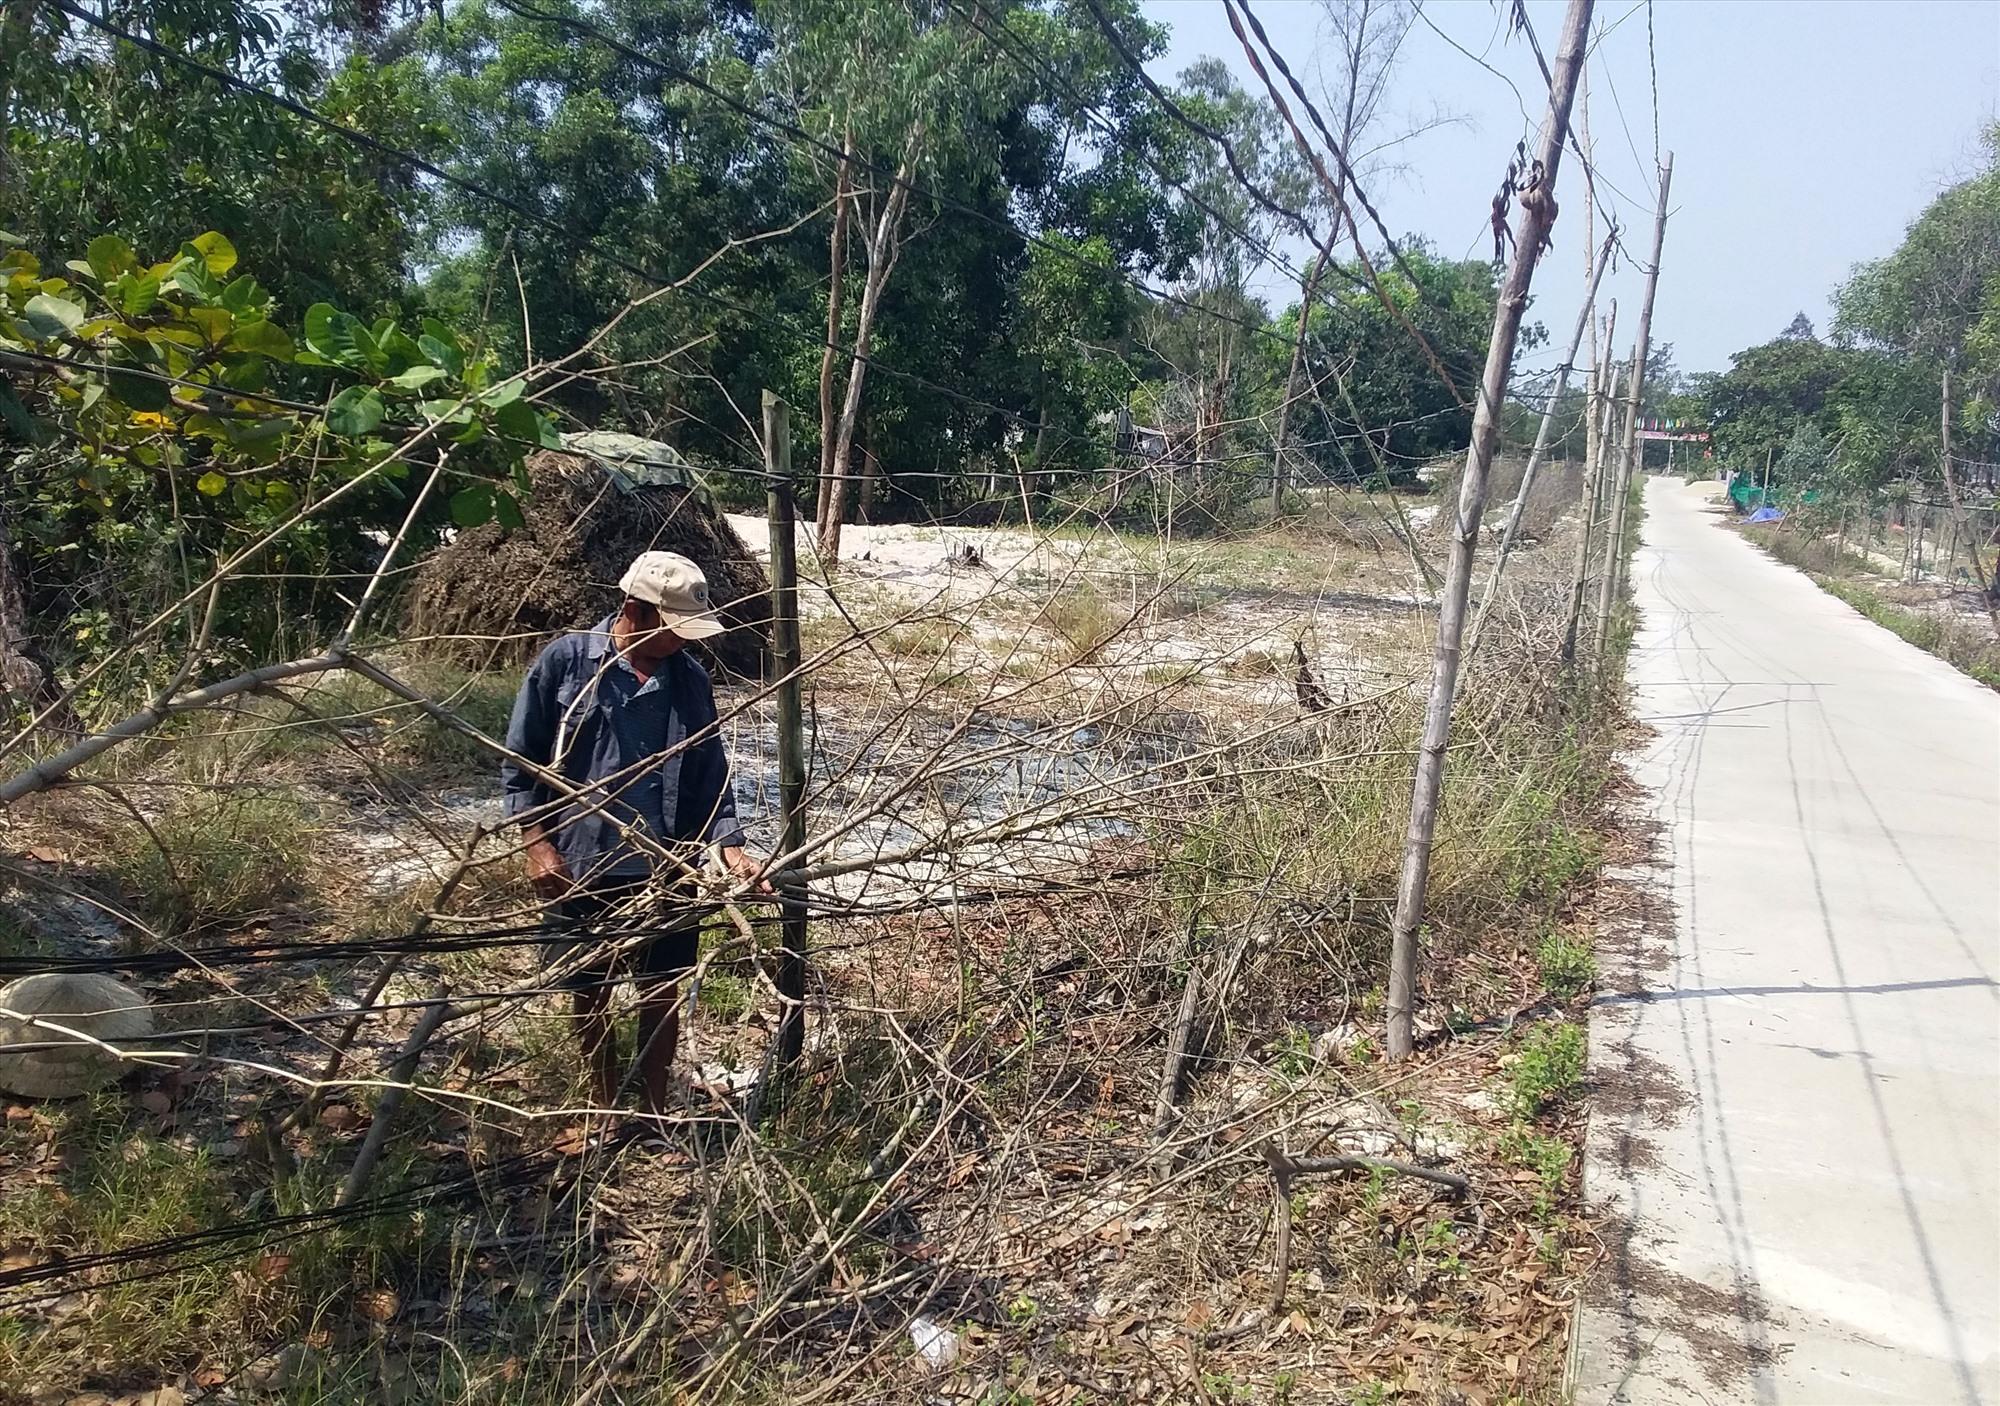 Đường dây điện vào tổ 19, thôn Bình Túy áp sát mặt đất. Ảnh: B.T